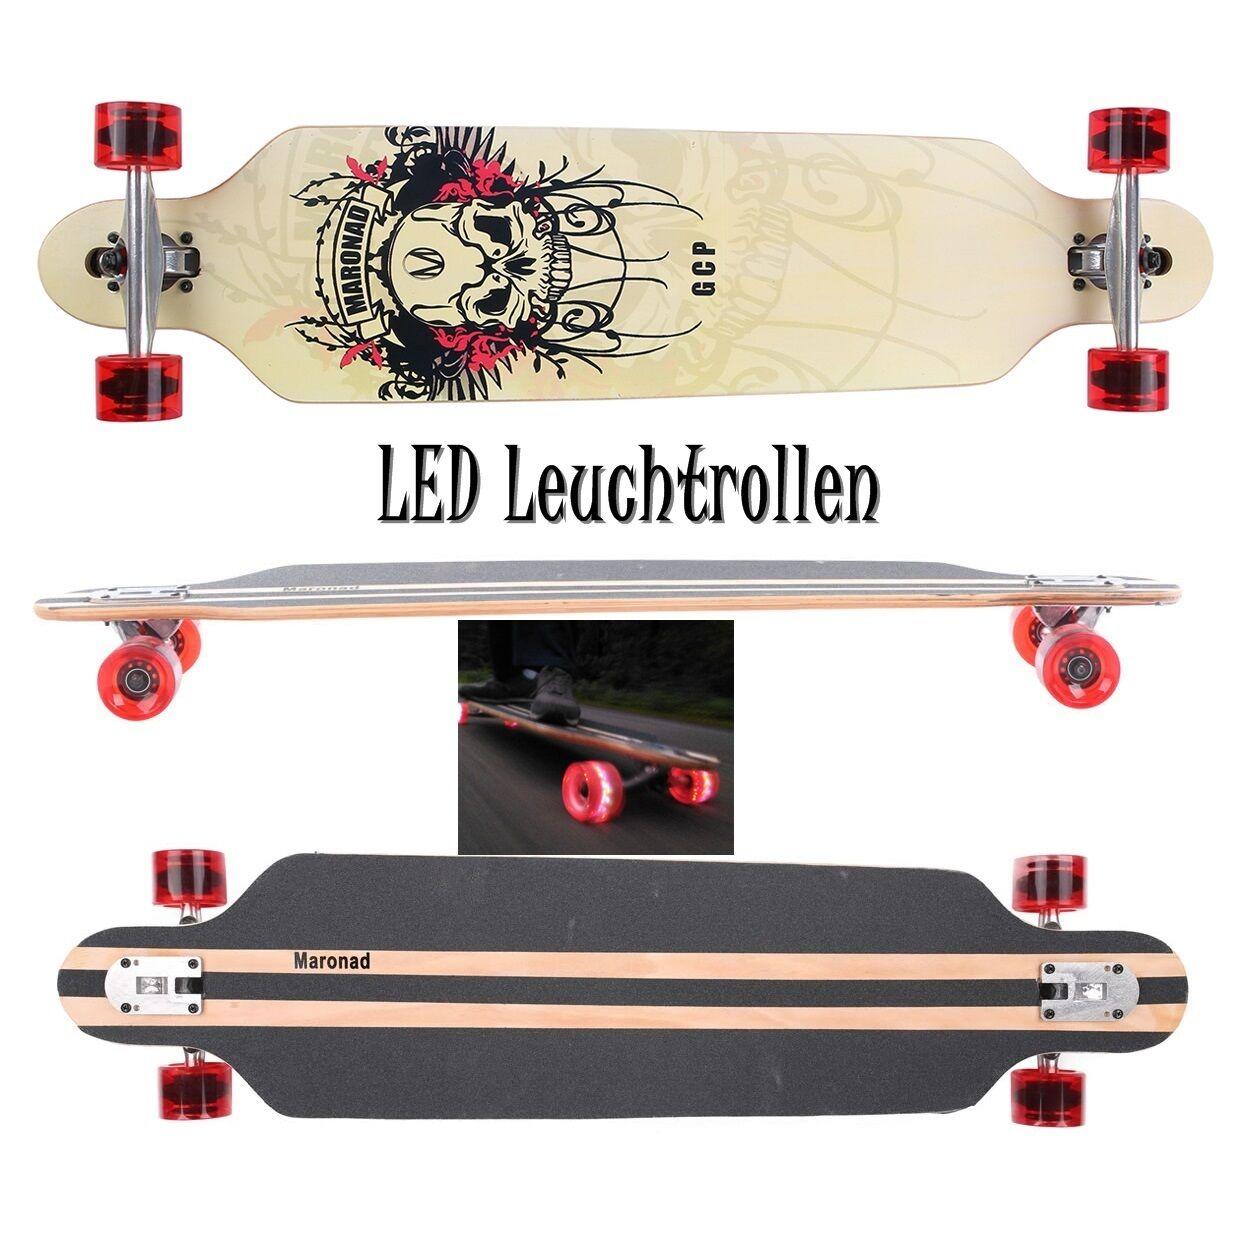 MARONAD Profi Longboard Skateboard Skateboard Skateboard ABEC 11 (+) LED Leuchtrolllen Haltegriff 1b0541